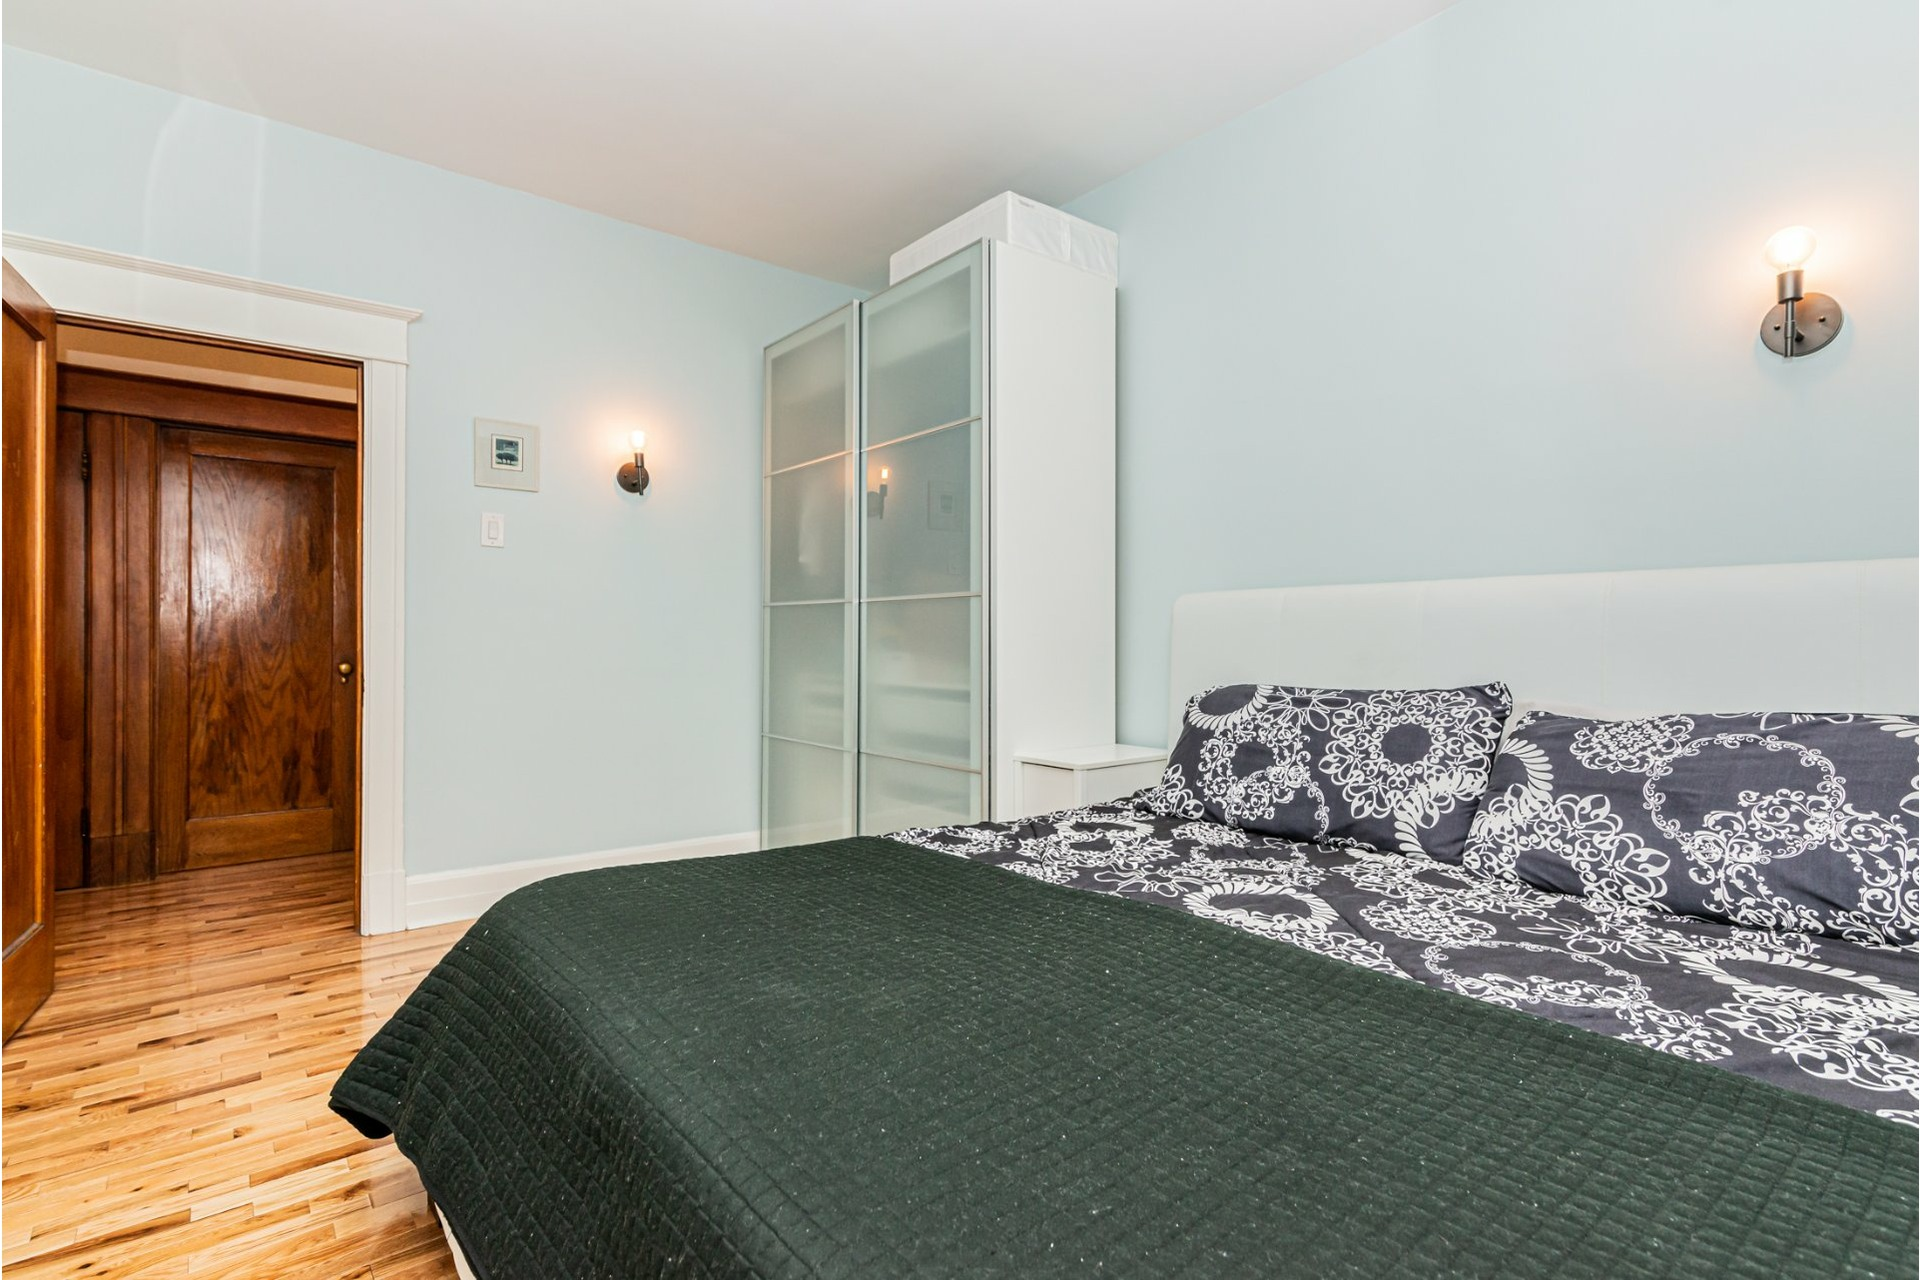 image 8 - Apartment For sale Côte-des-Neiges/Notre-Dame-de-Grâce Montréal  - 9 rooms